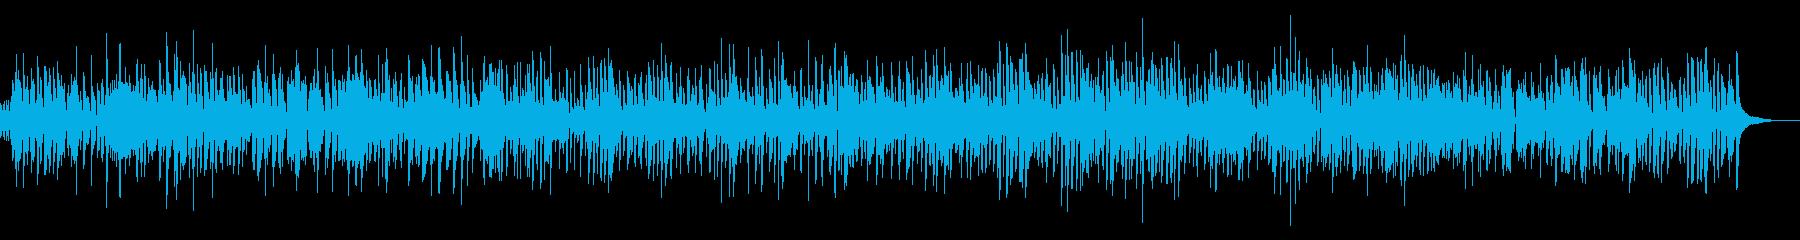 疾走感ピアノジャズYouTubeカフェ系の再生済みの波形